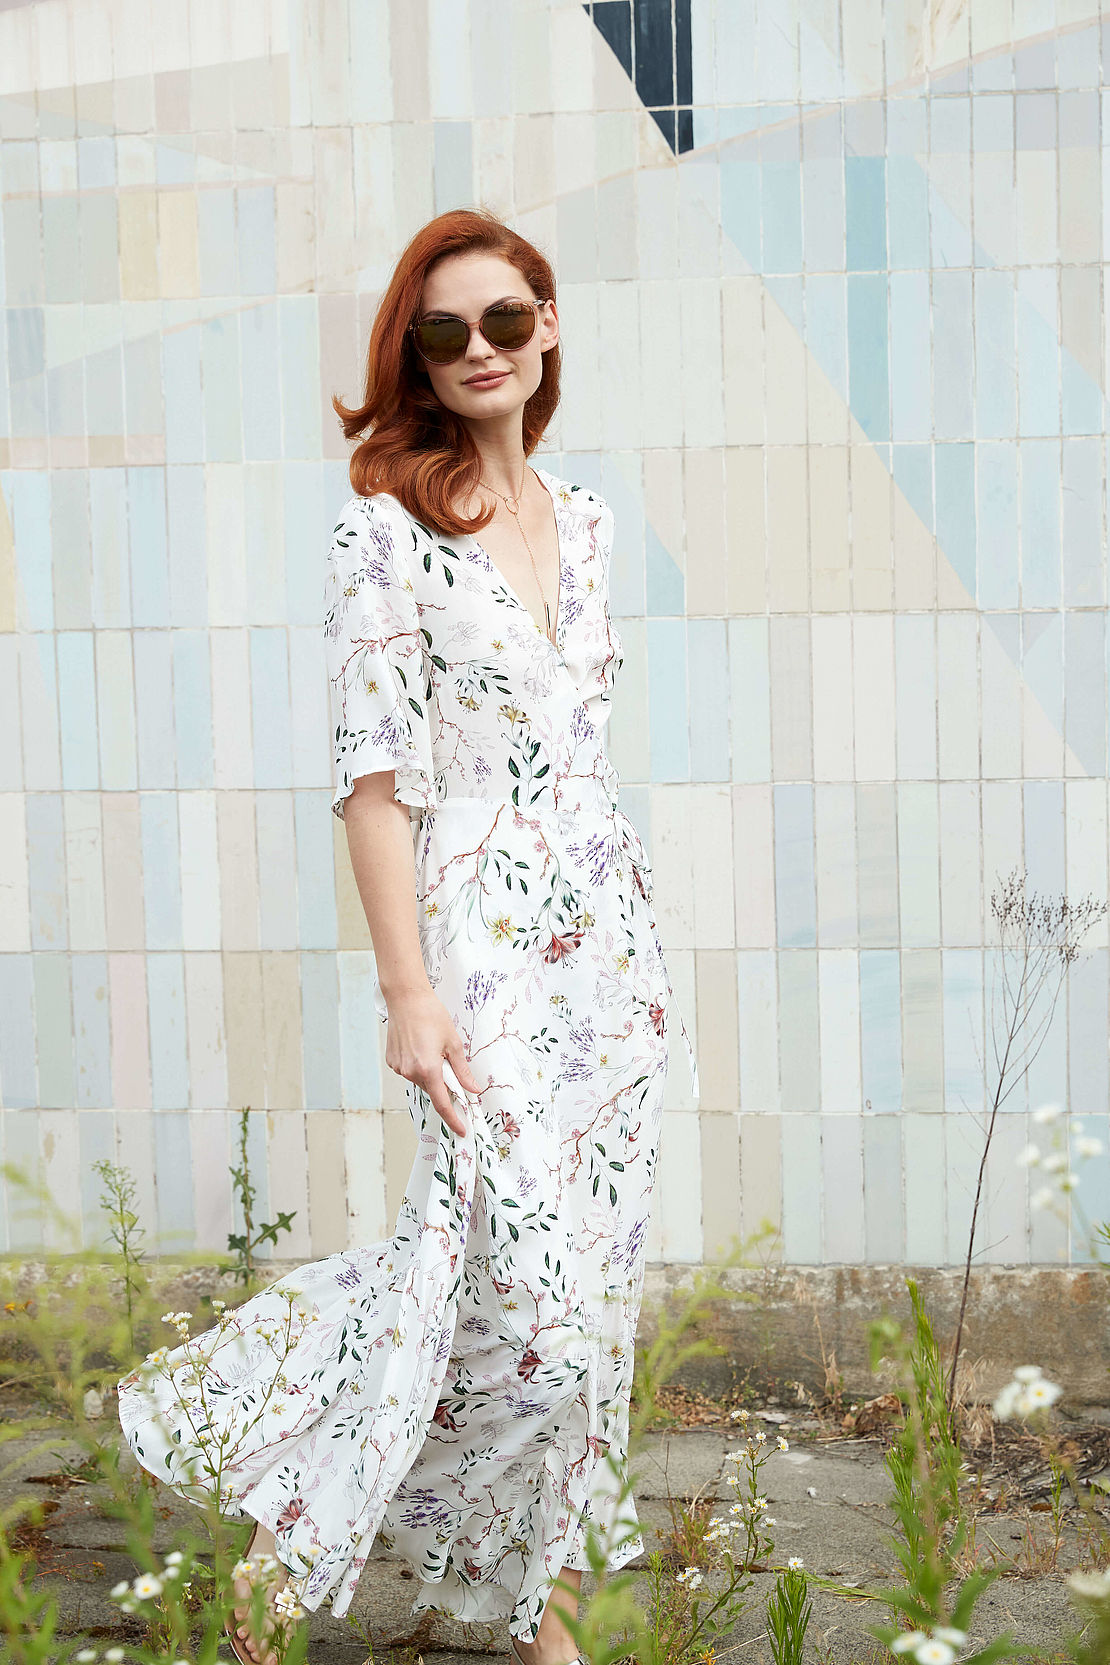 Frau mit Cateye Sonnenbrille Modell 3024709